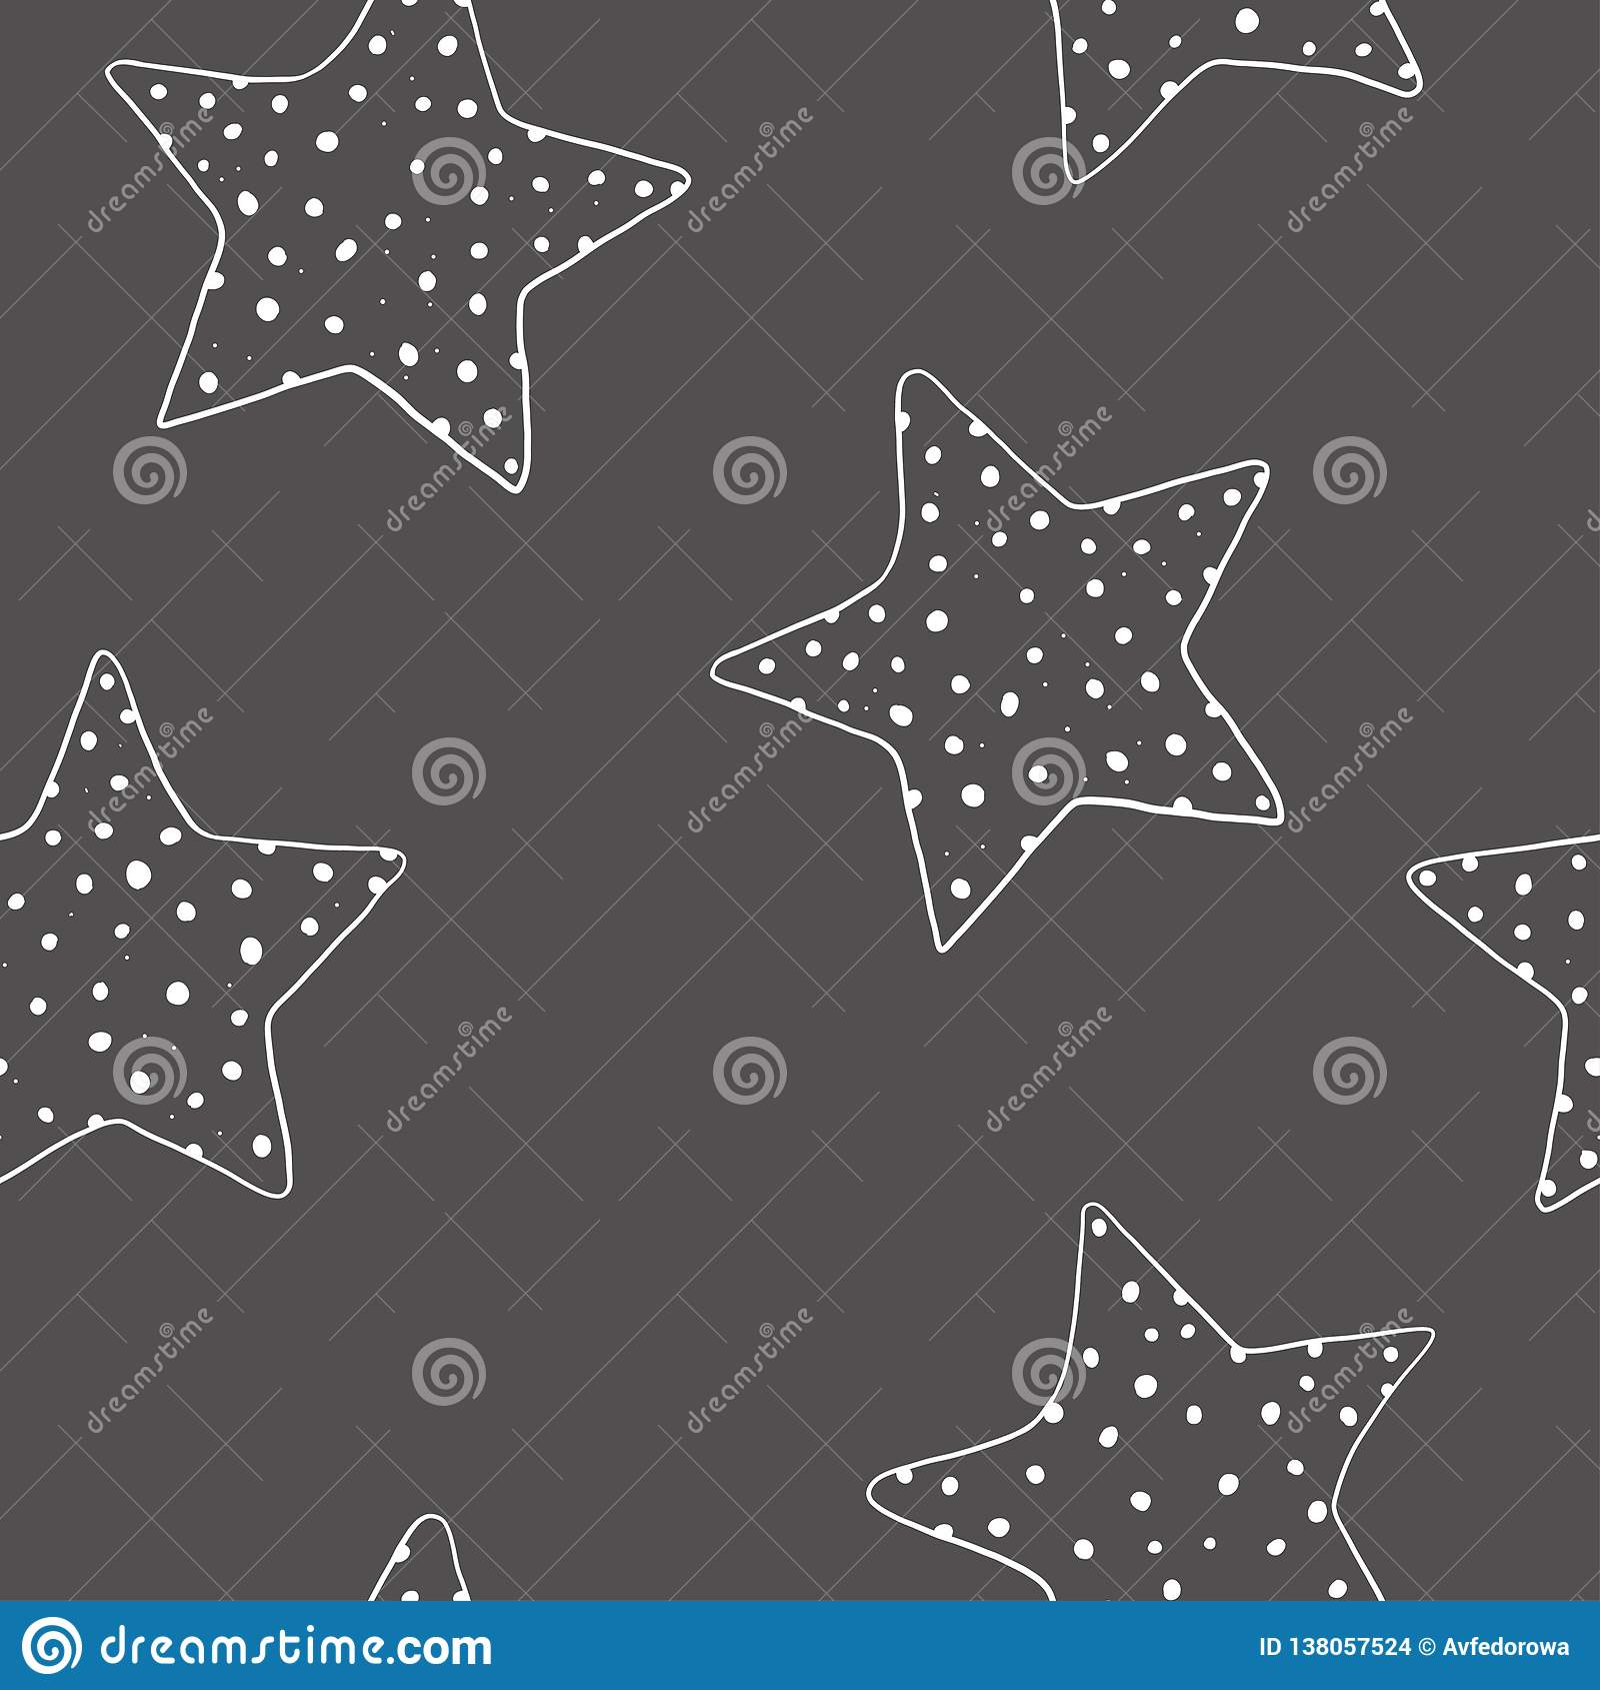 Άνευ ραφής σχέδιο με τα hand-drawn αστέρια Πέντε-δειγμένα αστέρια σε ένα σκοτεινό υπόβαθρο Διανυσματική απεικόνιση στο ύφος σκίτσ